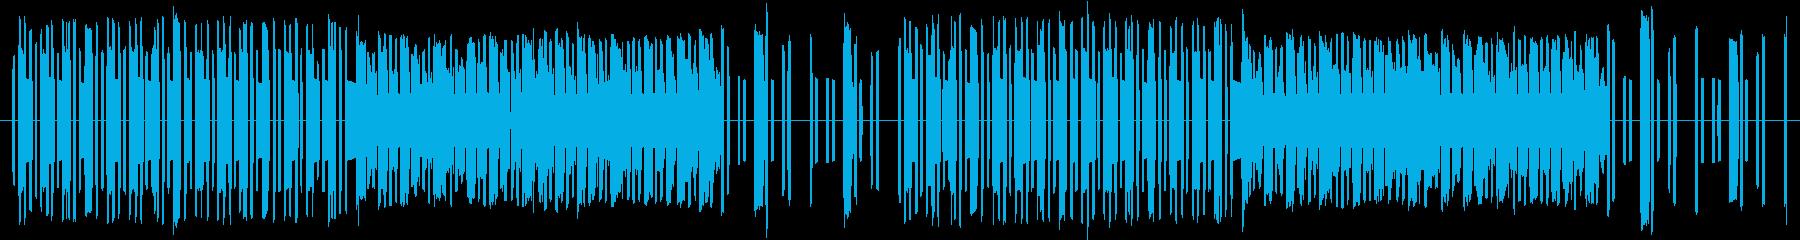 8bit風コミカルBGMの再生済みの波形